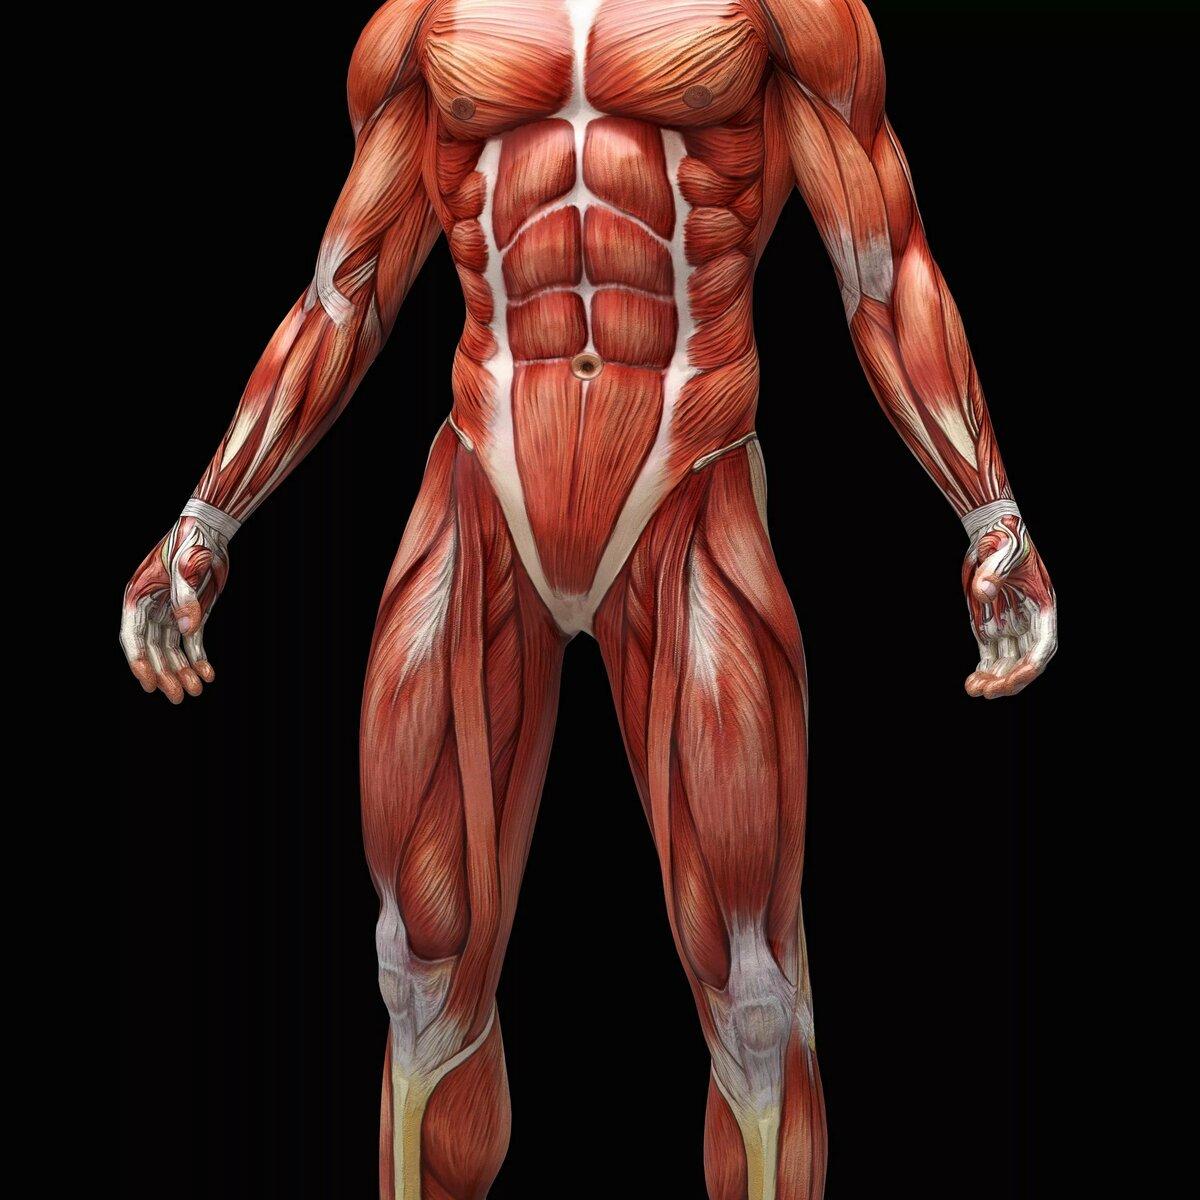 Красивое тело человека в картинках